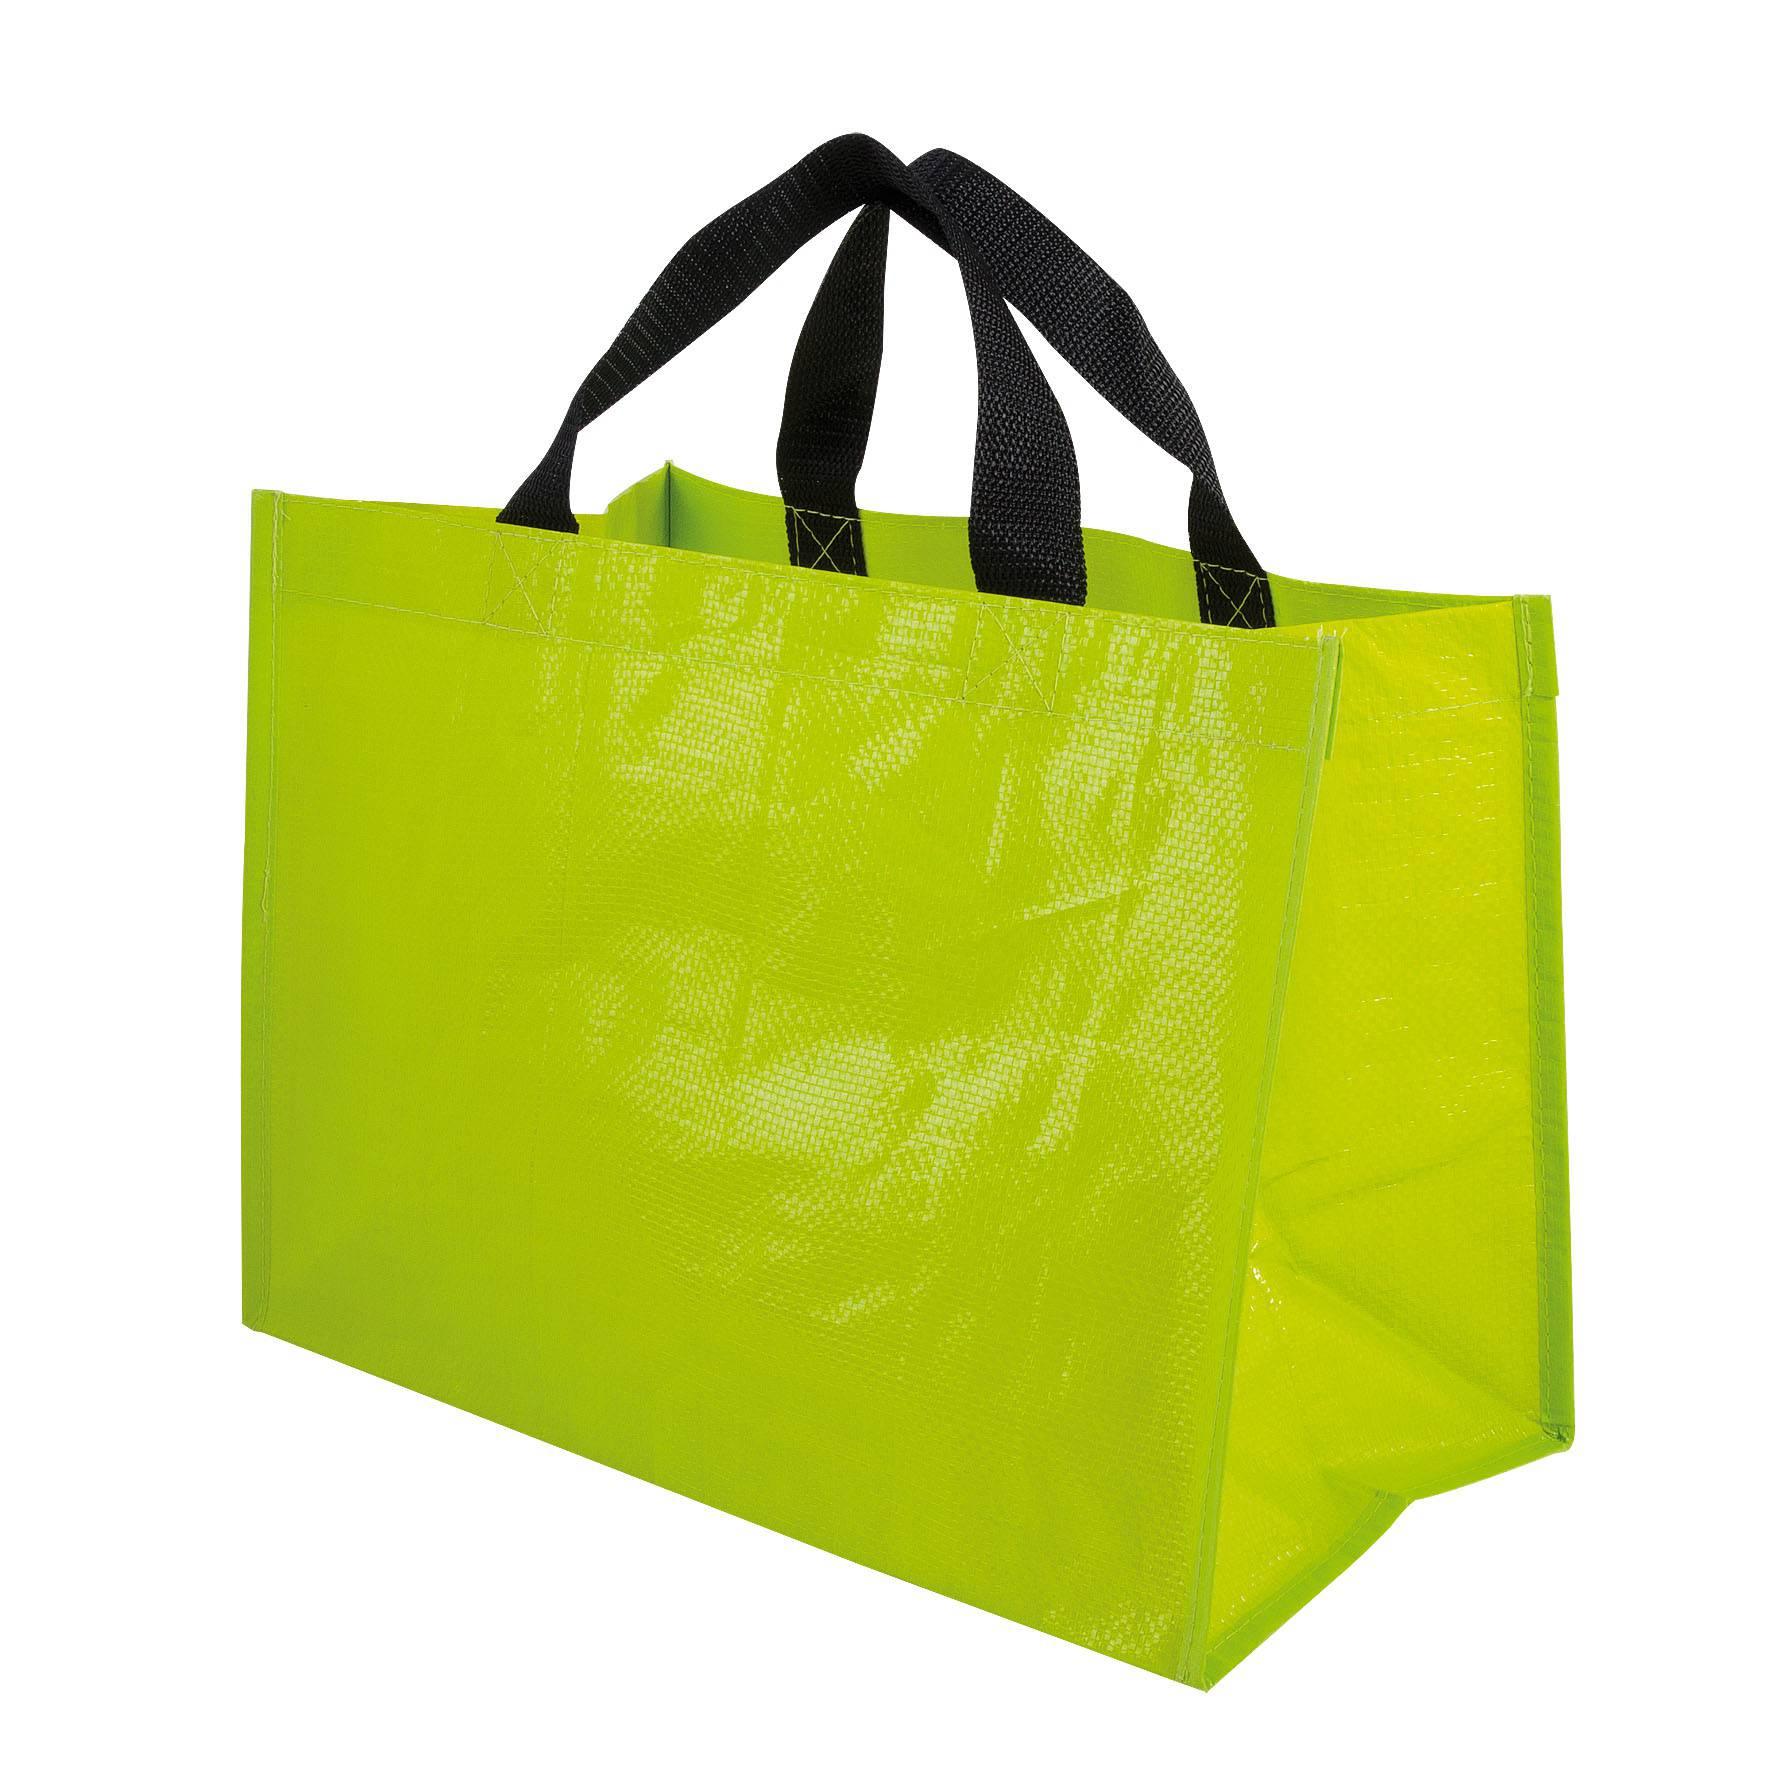 Sac shopping publicitaire PP tissé Horizon - Cadeau publicitaire - vert anis